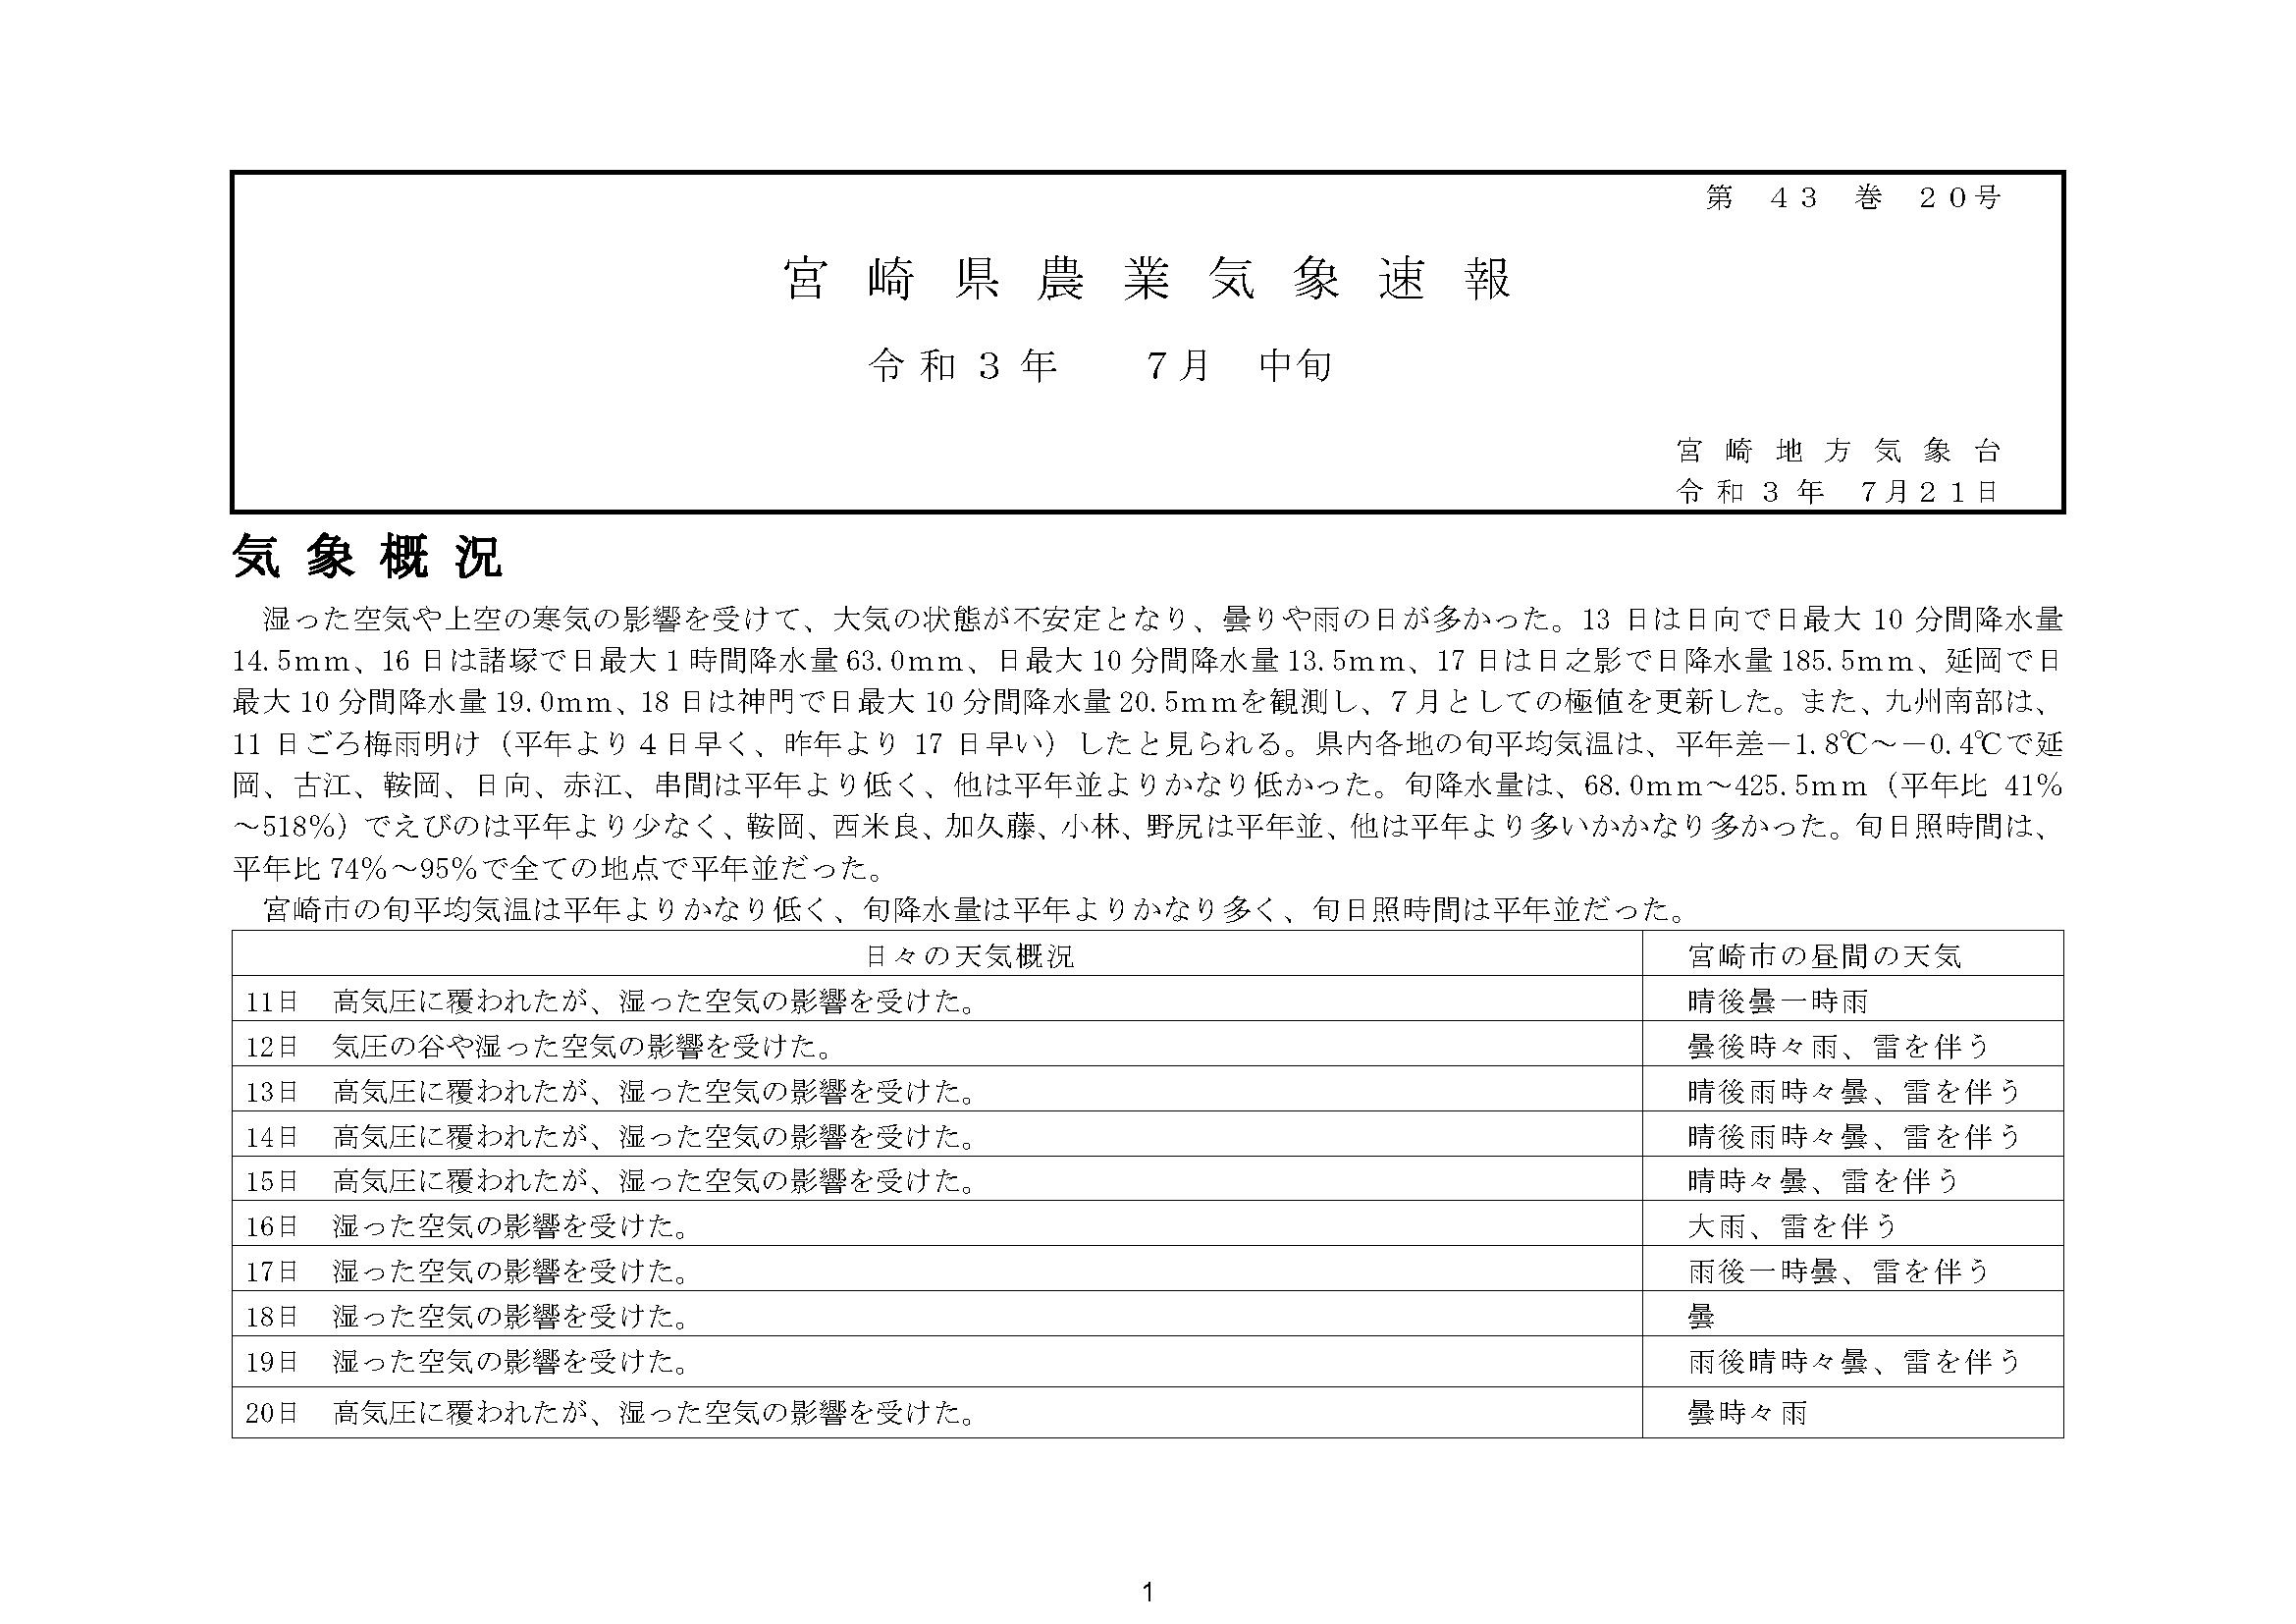 宮崎県農業気象速報令和3年7月中旬PDF